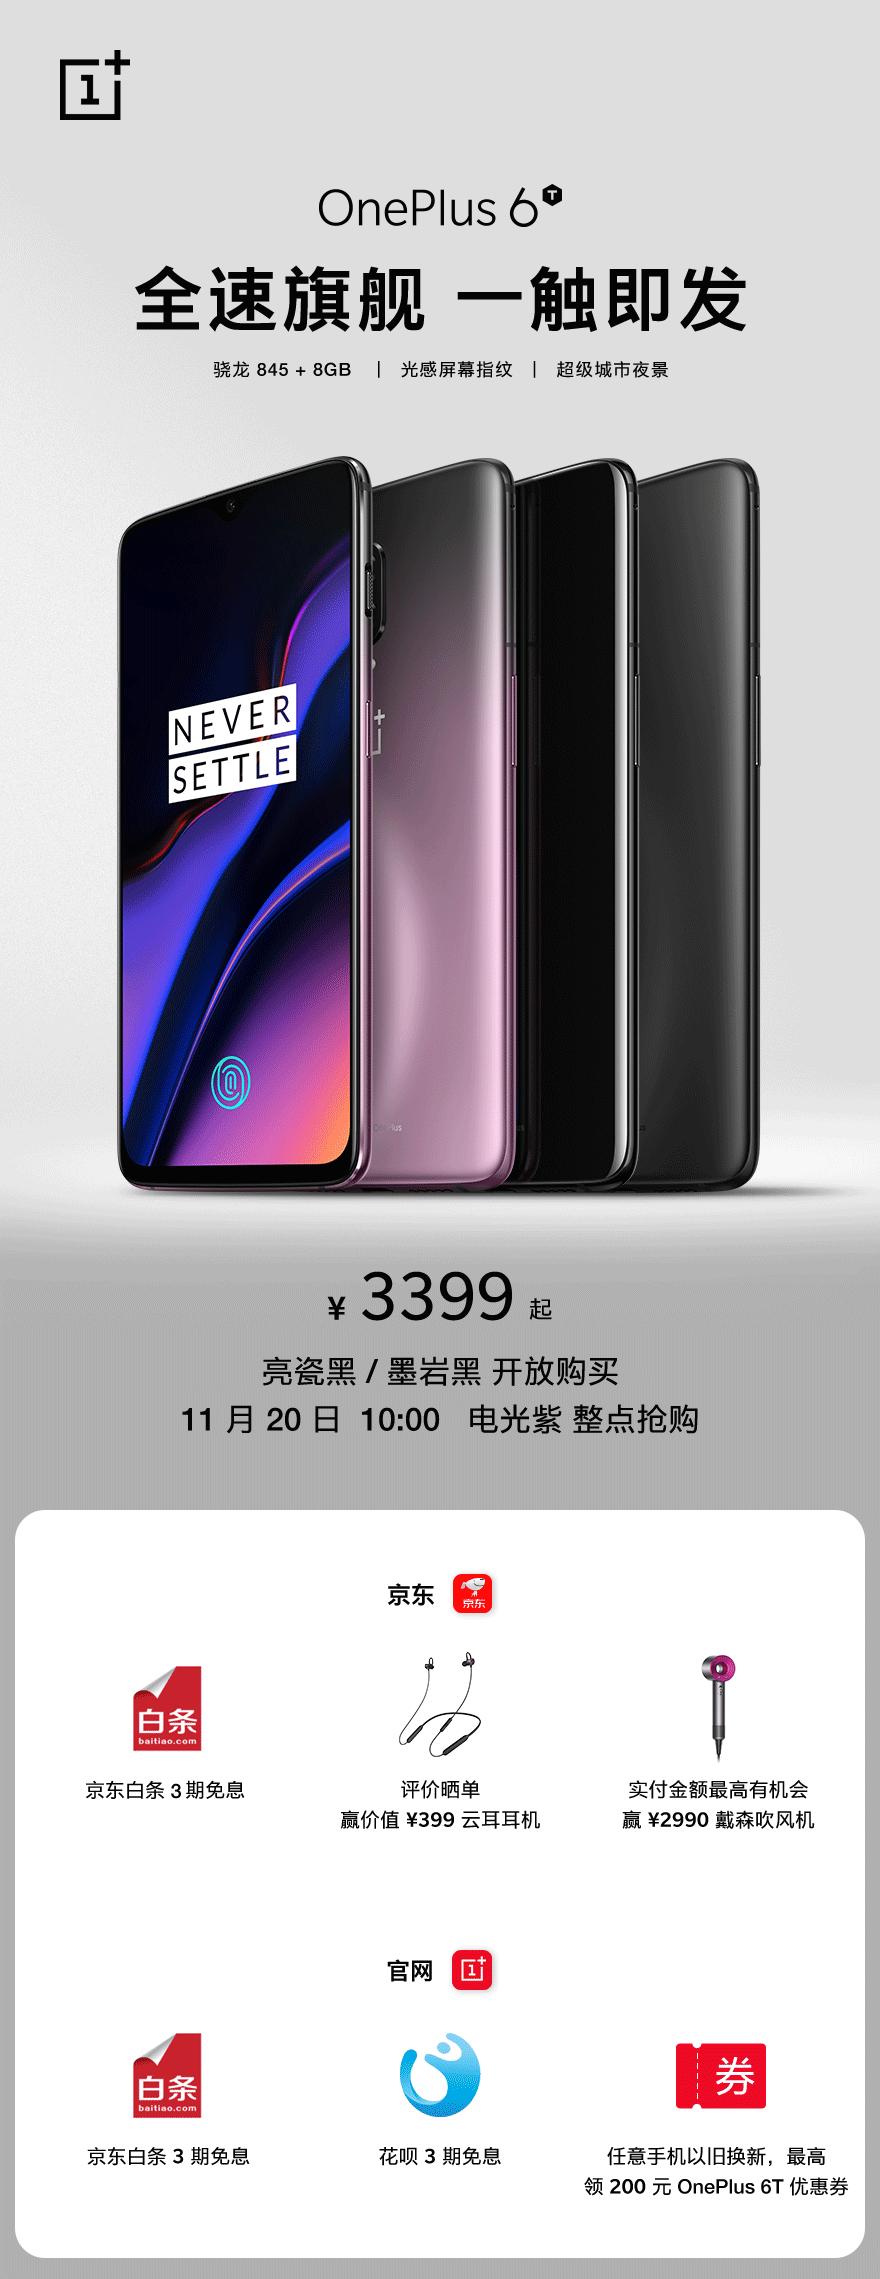 11月20日抢购海报800.png